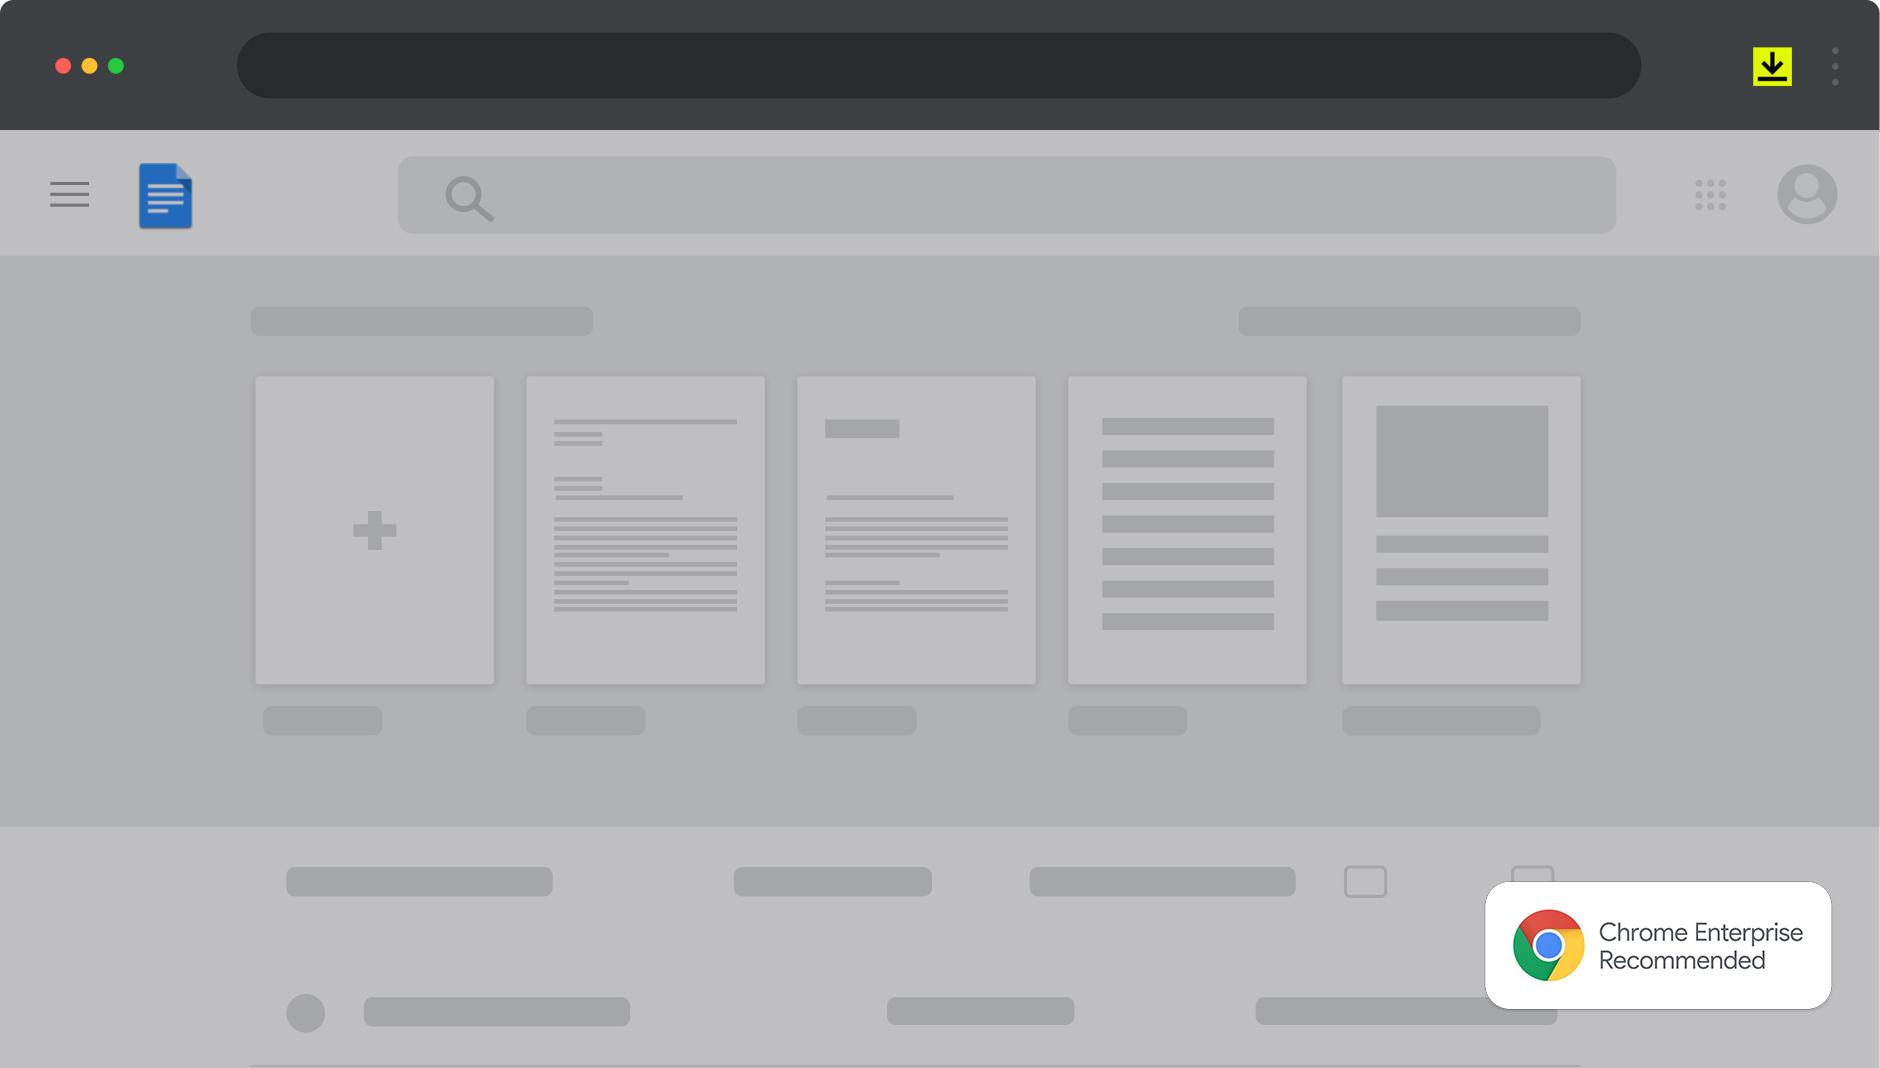 La signature électronique de DocuSign pour Chrome permet la signature au sein du navigateur.